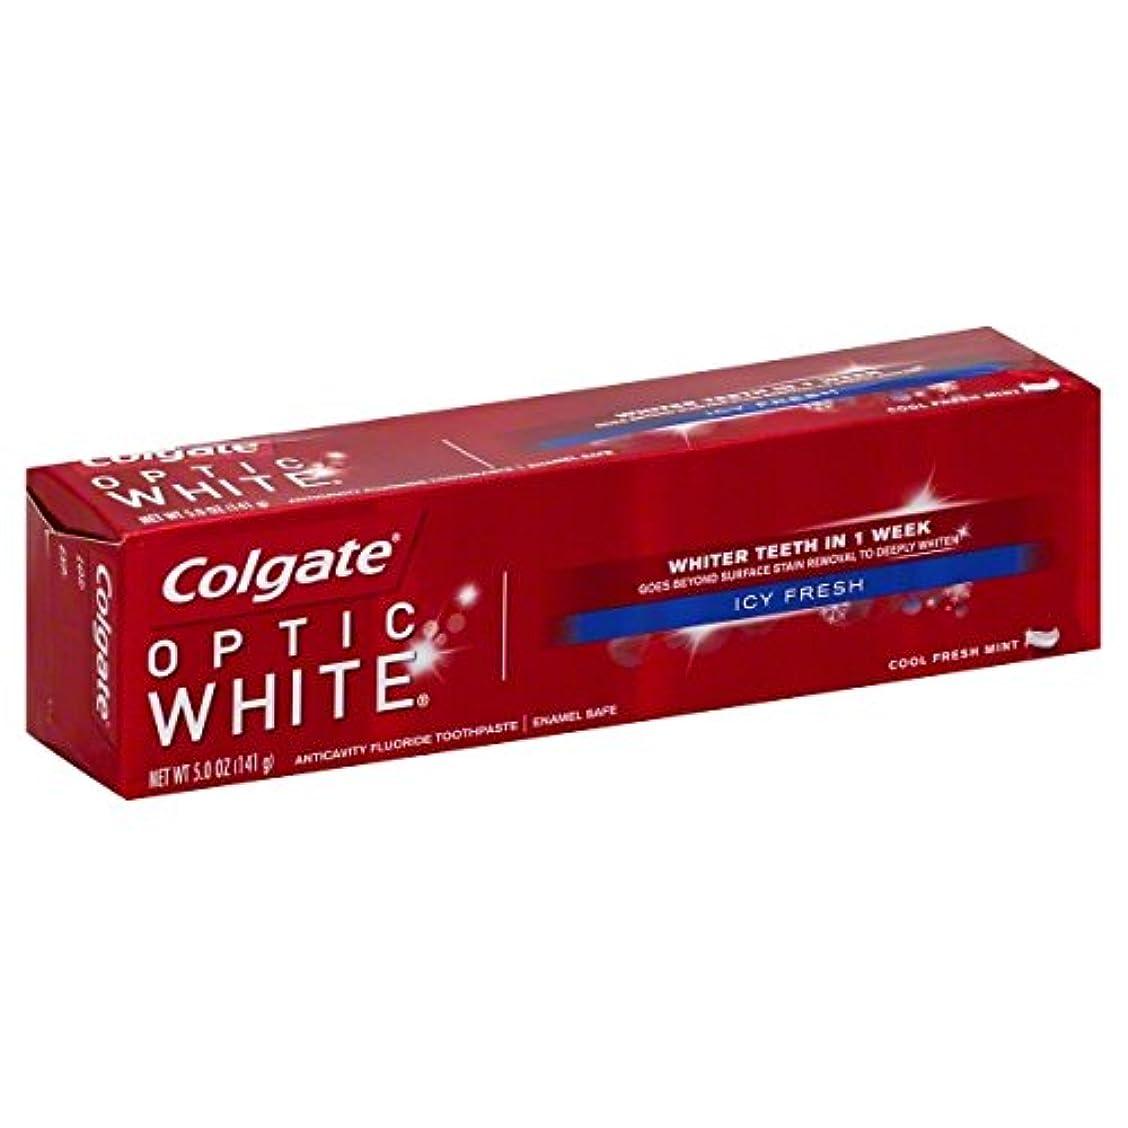 お父さん娯楽幻滅Colgate オプティックホワイトハミガキ、アイシー新鮮な、5オンス(6パック)